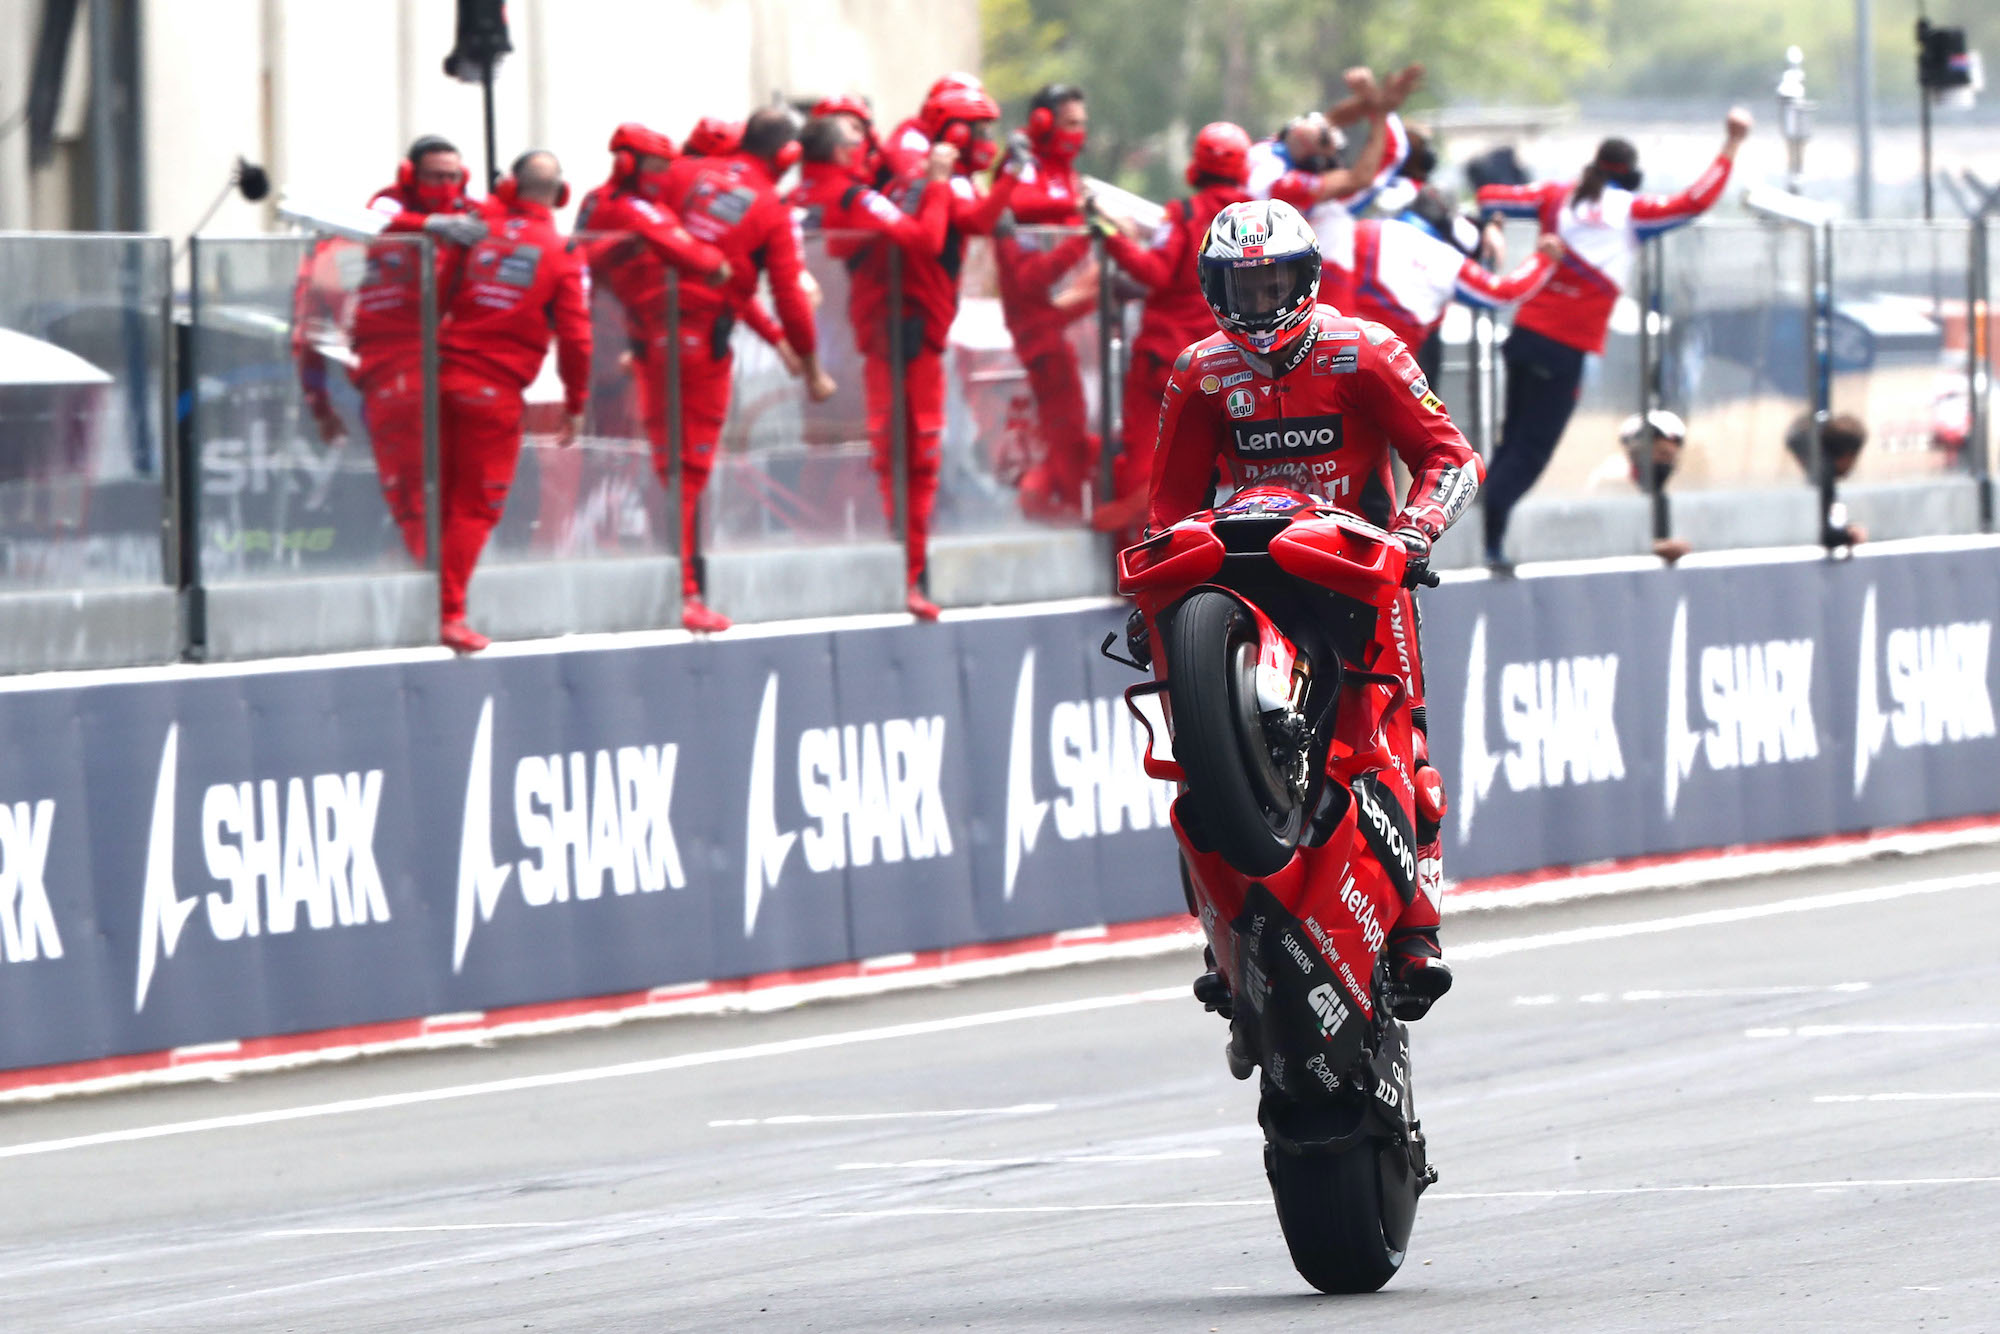 Jack Miller zwycięzcą GP Francji 2021 w Le Mans